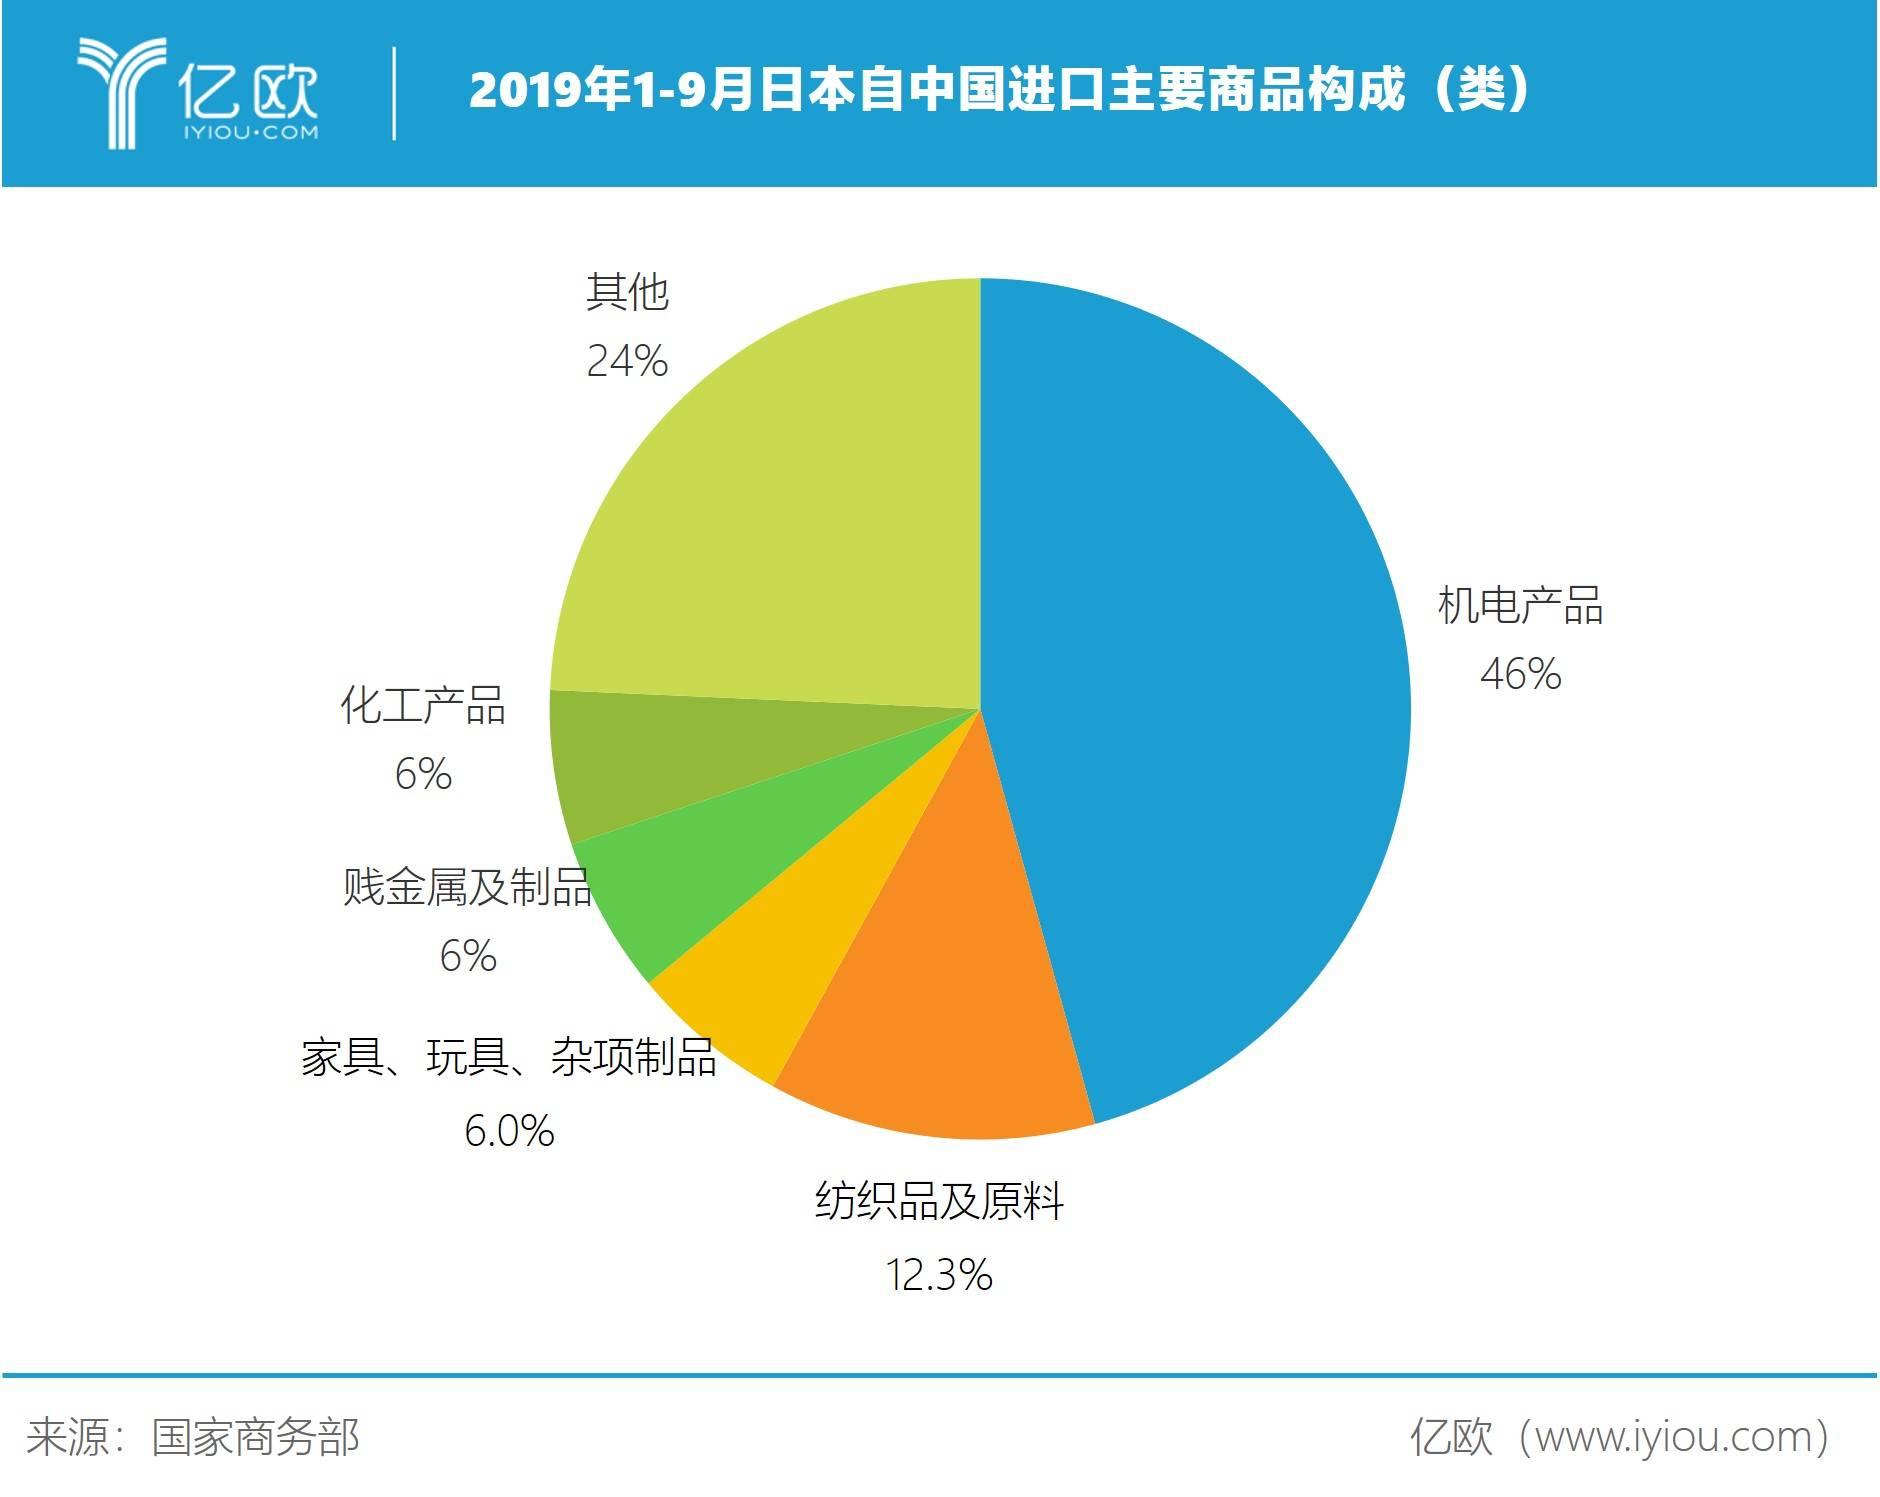 2019年1-9月日本自中国进口主要商品构成